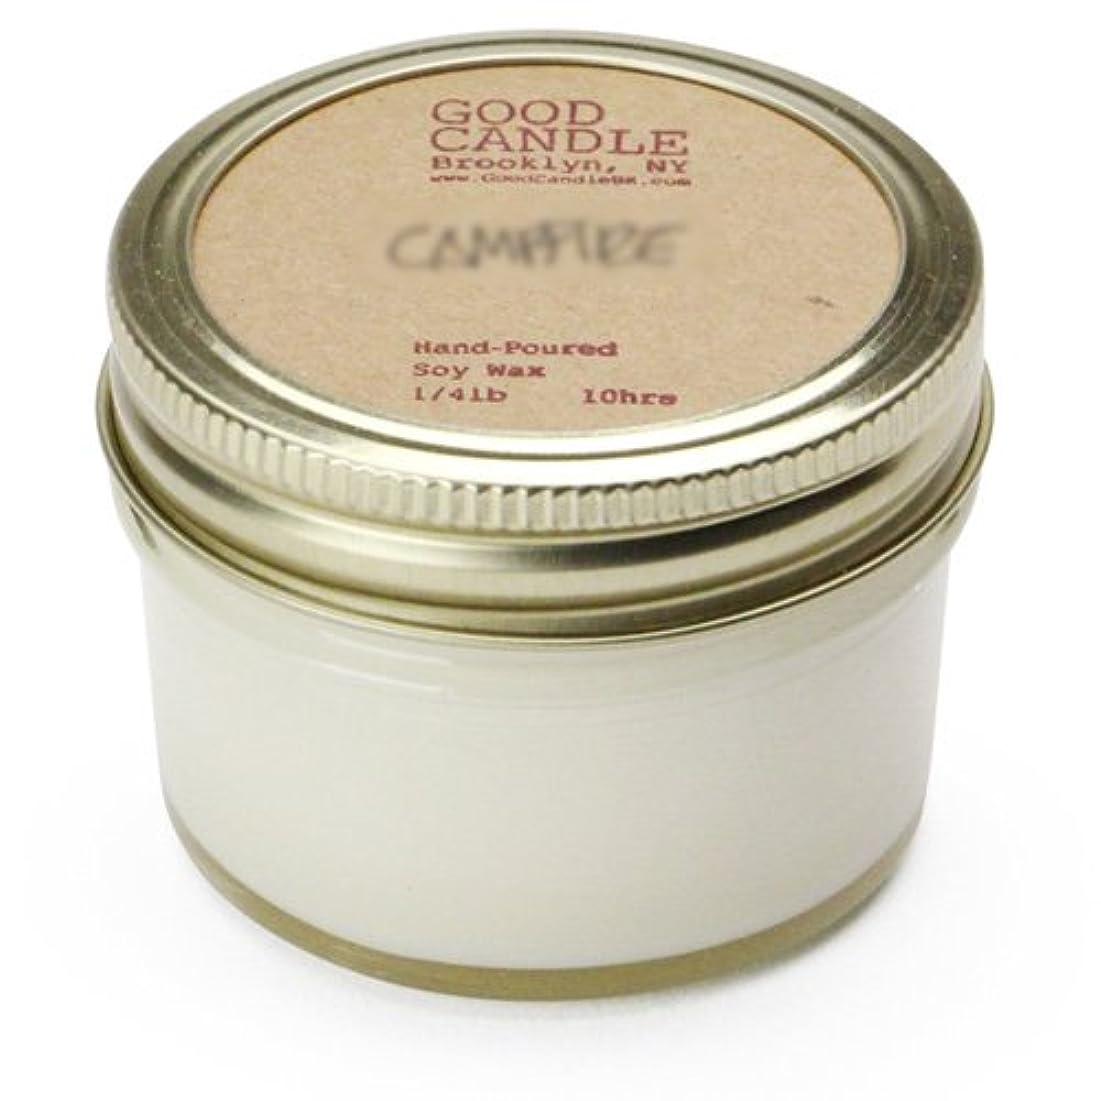 夕食を食べる買収パスグッドキャンドル 1/4ポンド ゼリージャー キャンドル Good Candle 1/4LB Jelly jar candle [ Rose ] 正規品